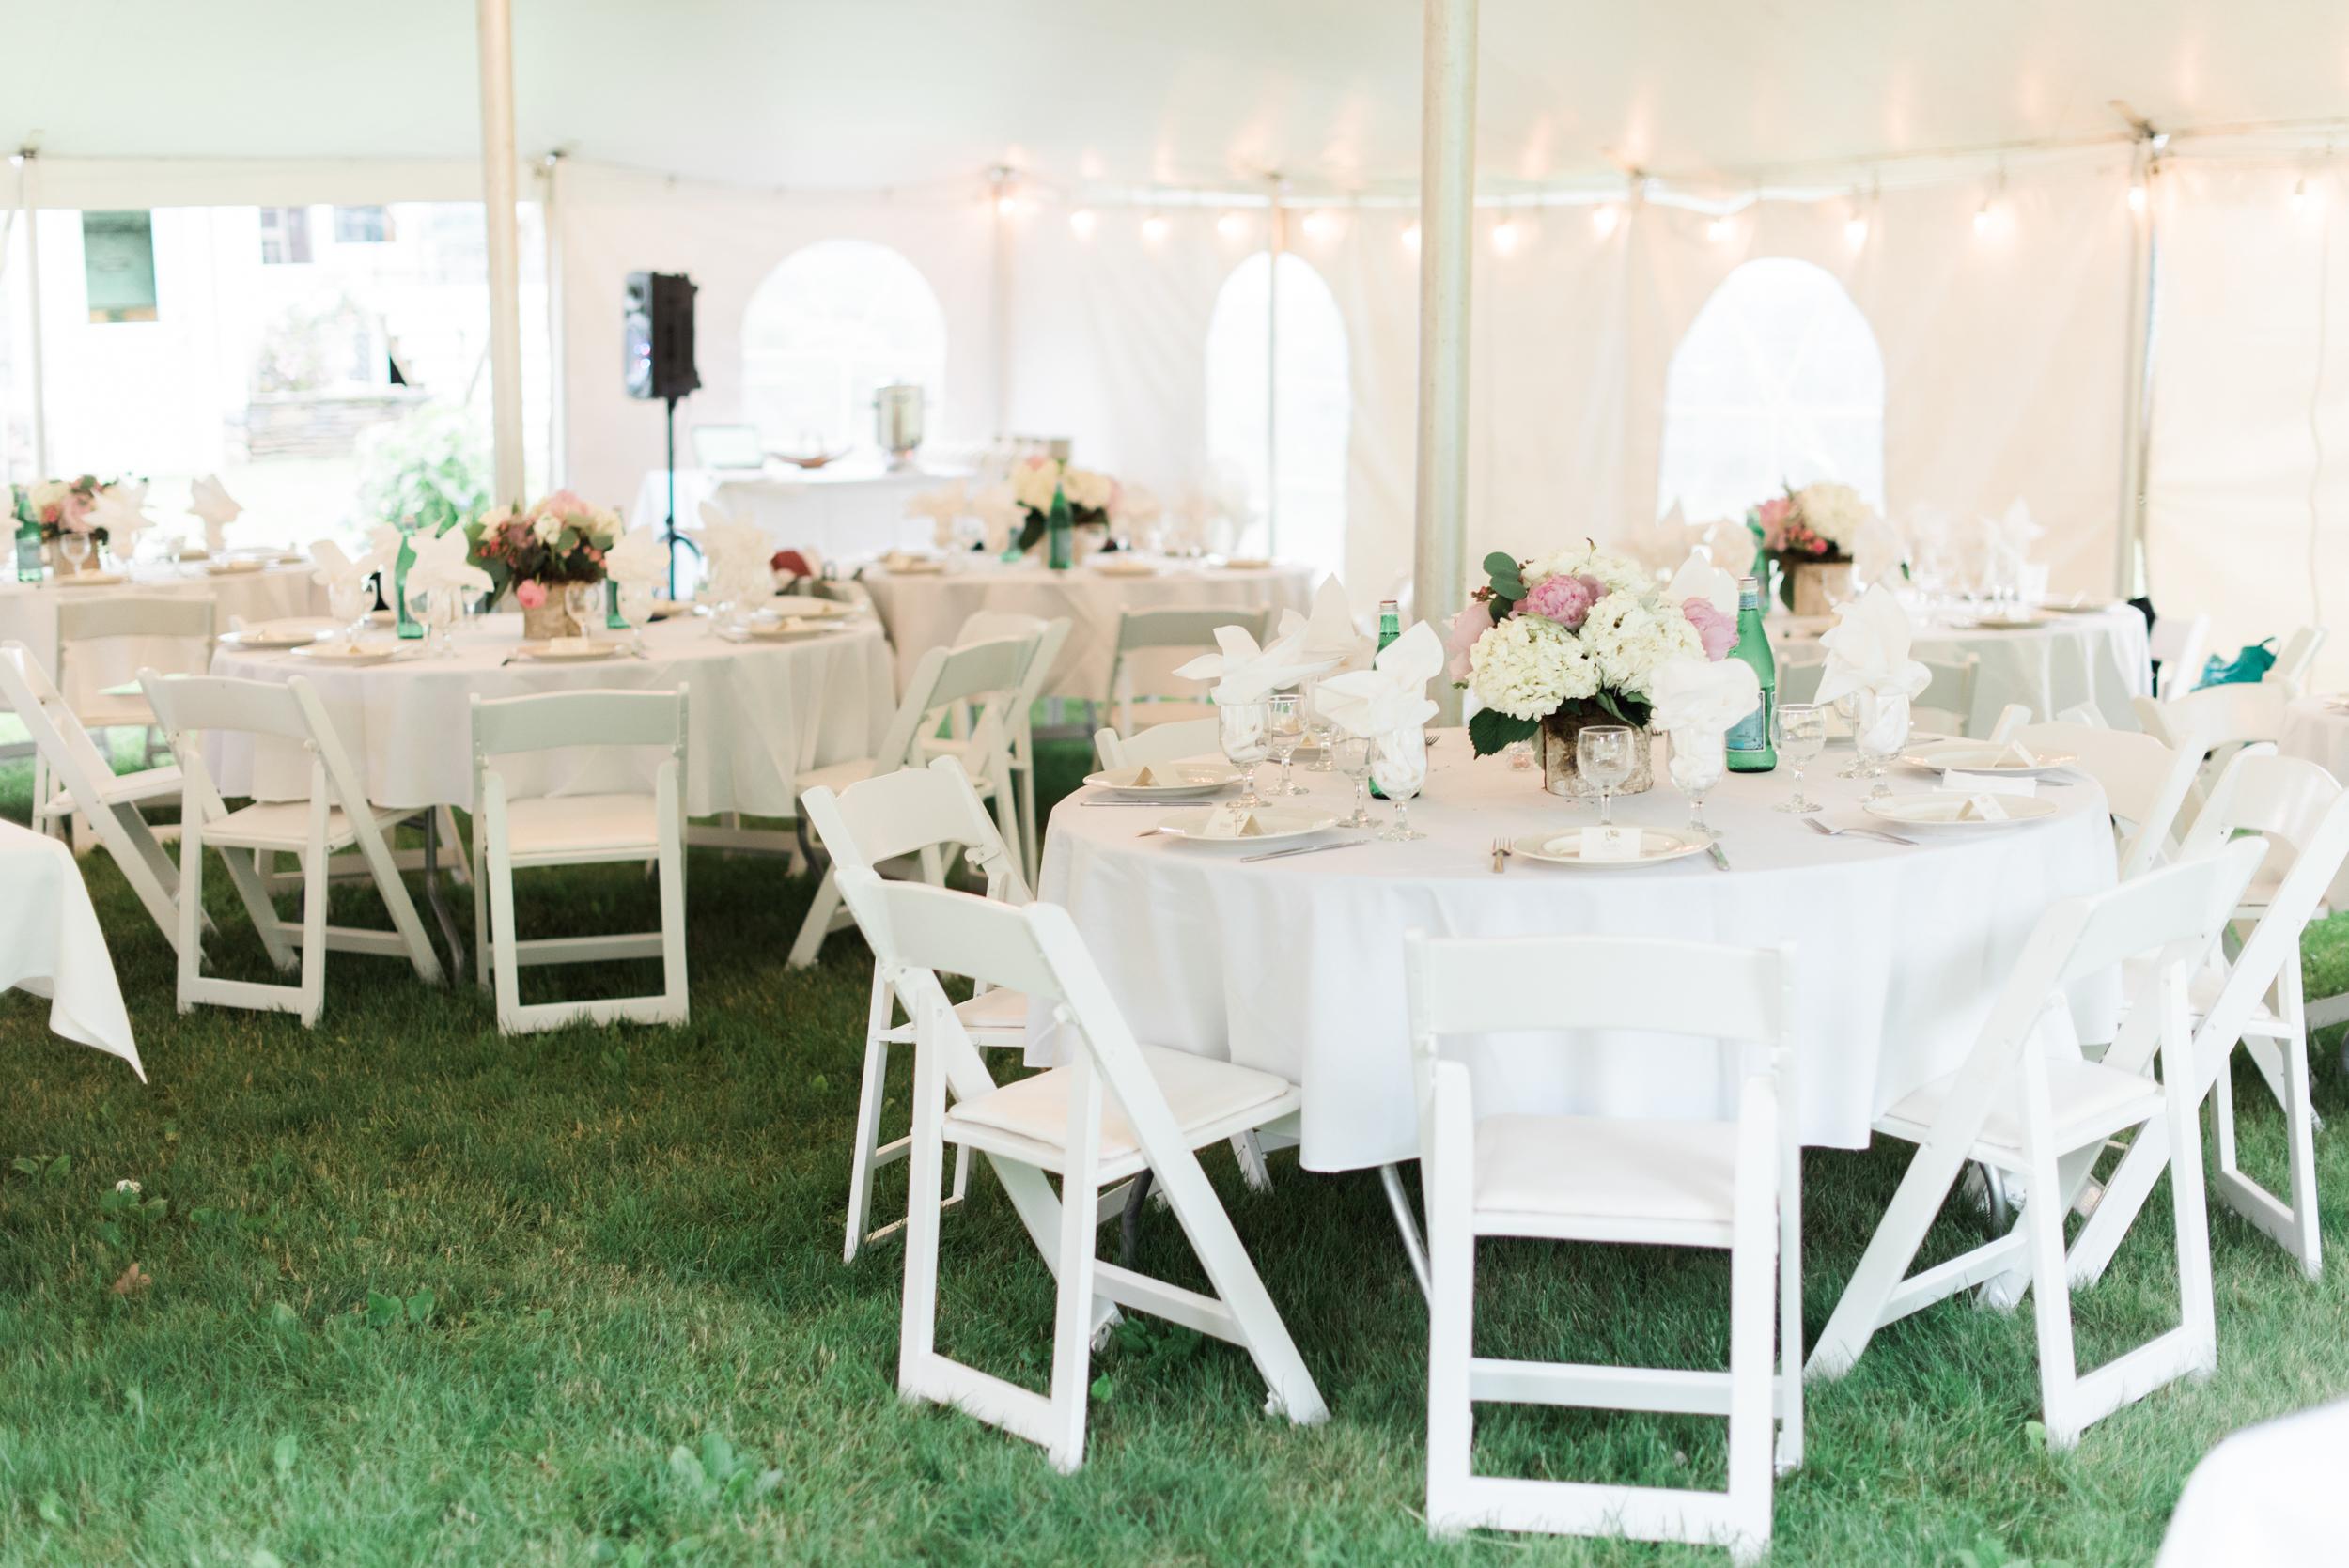 Backyard Weddings in the Berkshires